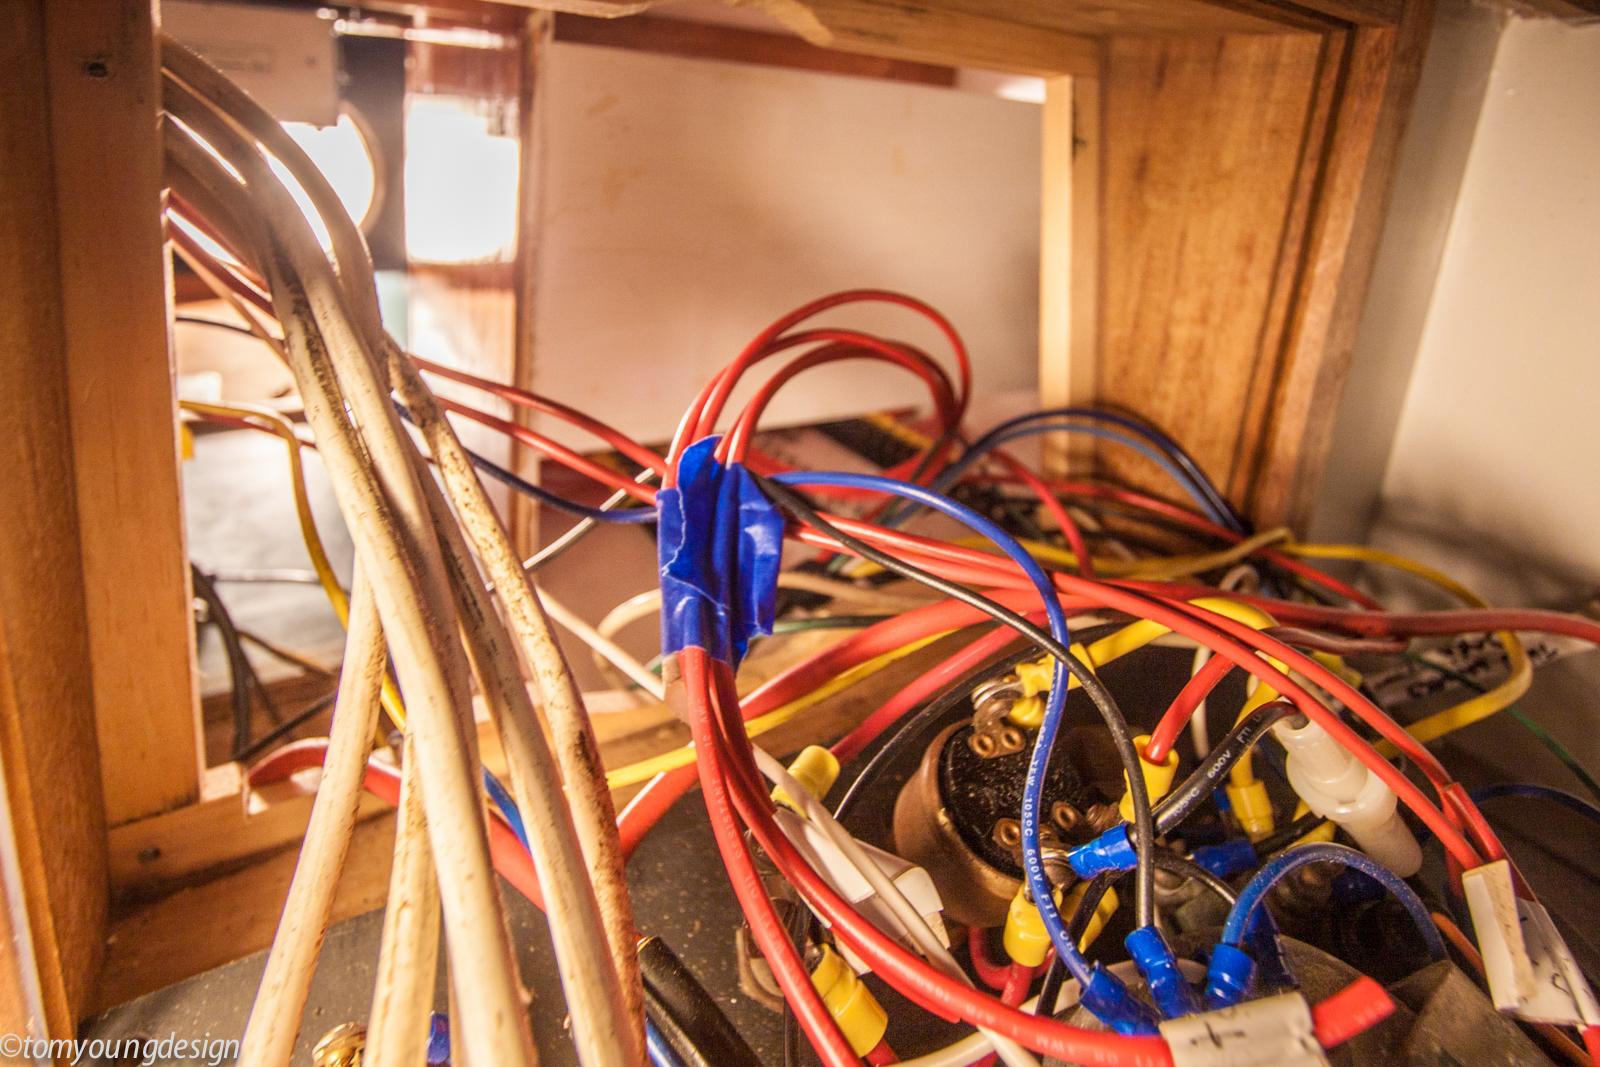 Wiring raceway_.jpg